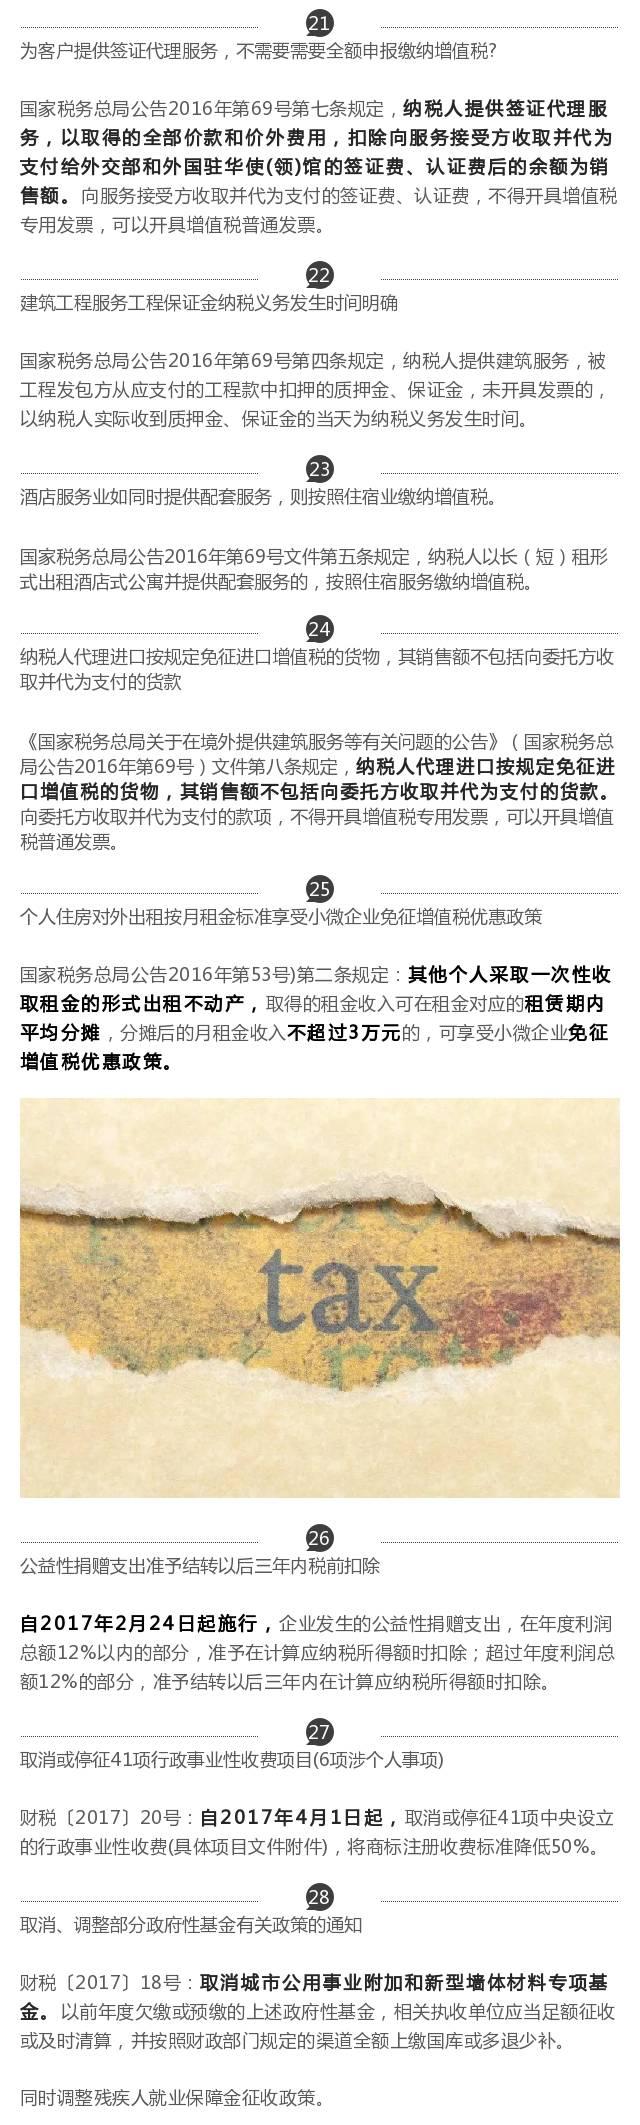 【税务知识】28个最新涉税政策,不熟悉的小伙伴们赶紧看过来! 〖税务知识〗 第3张